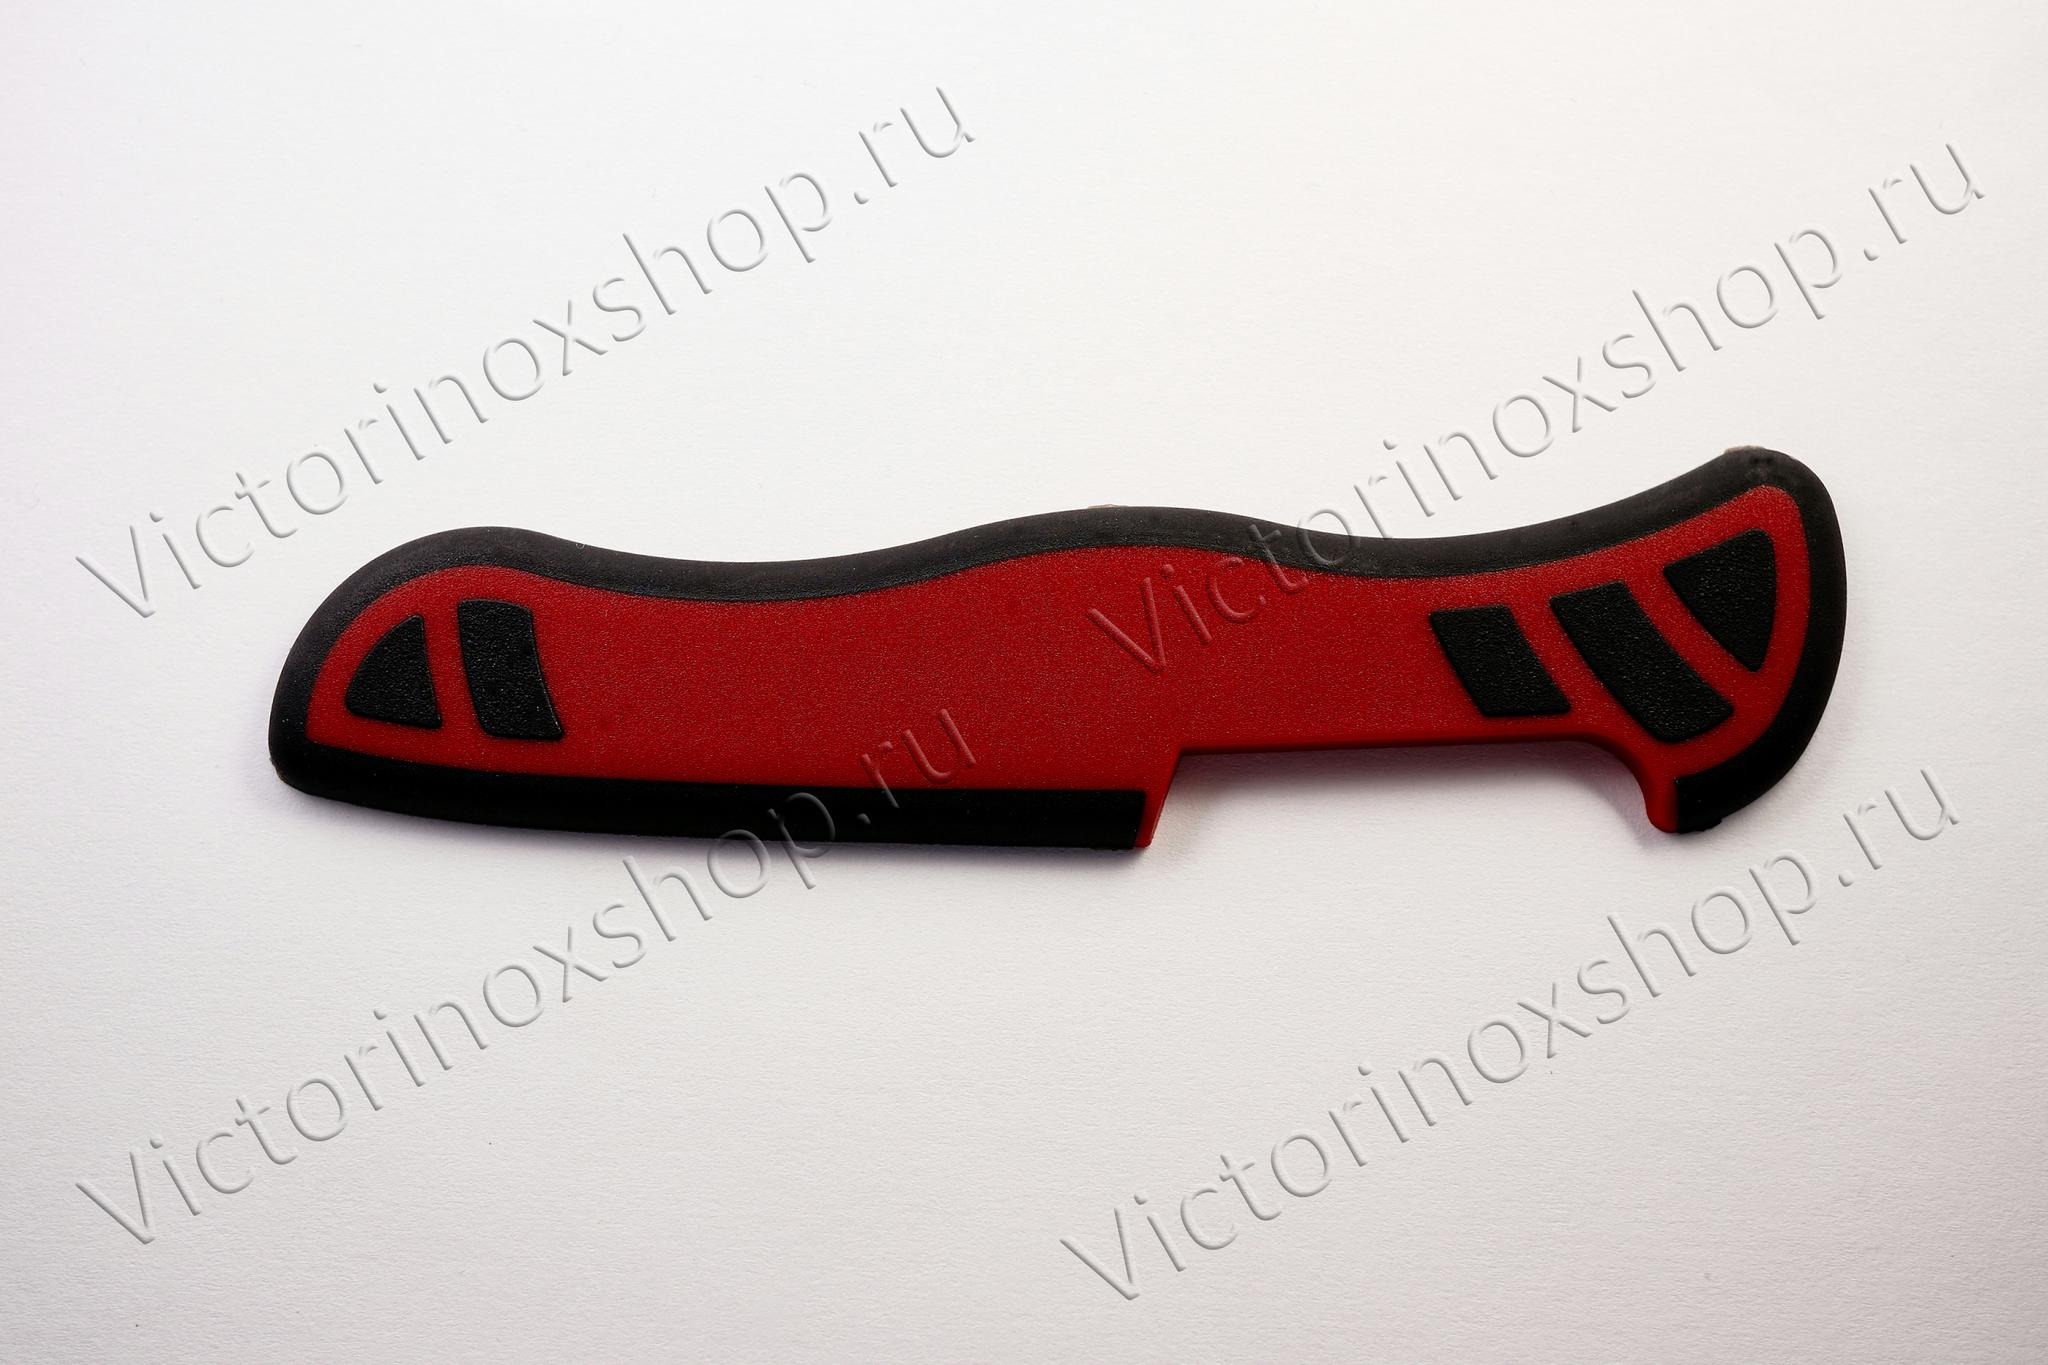 Задняя накладка для ножей VICTORINOX 111 мм, нейлоновая, красно-чёрная (C.8330.C2)